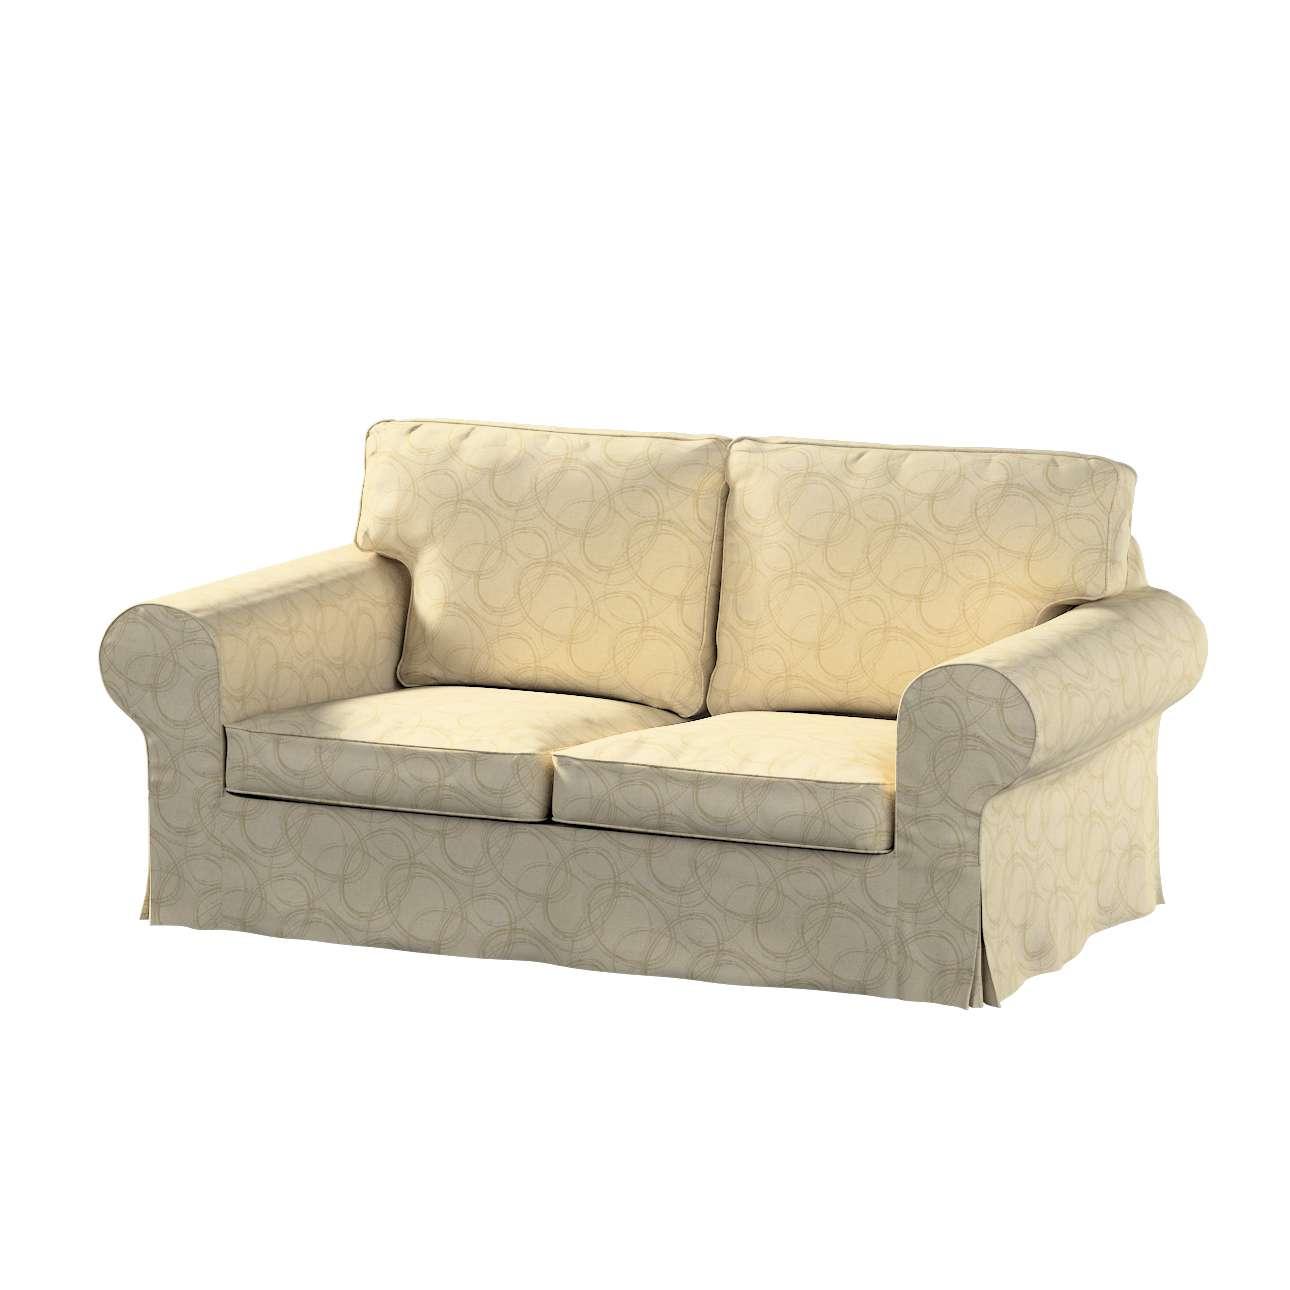 Pokrowiec na sofę Ektorp 2-osobową rozkładaną, model po 2012 w kolekcji Living, tkanina: 161-81